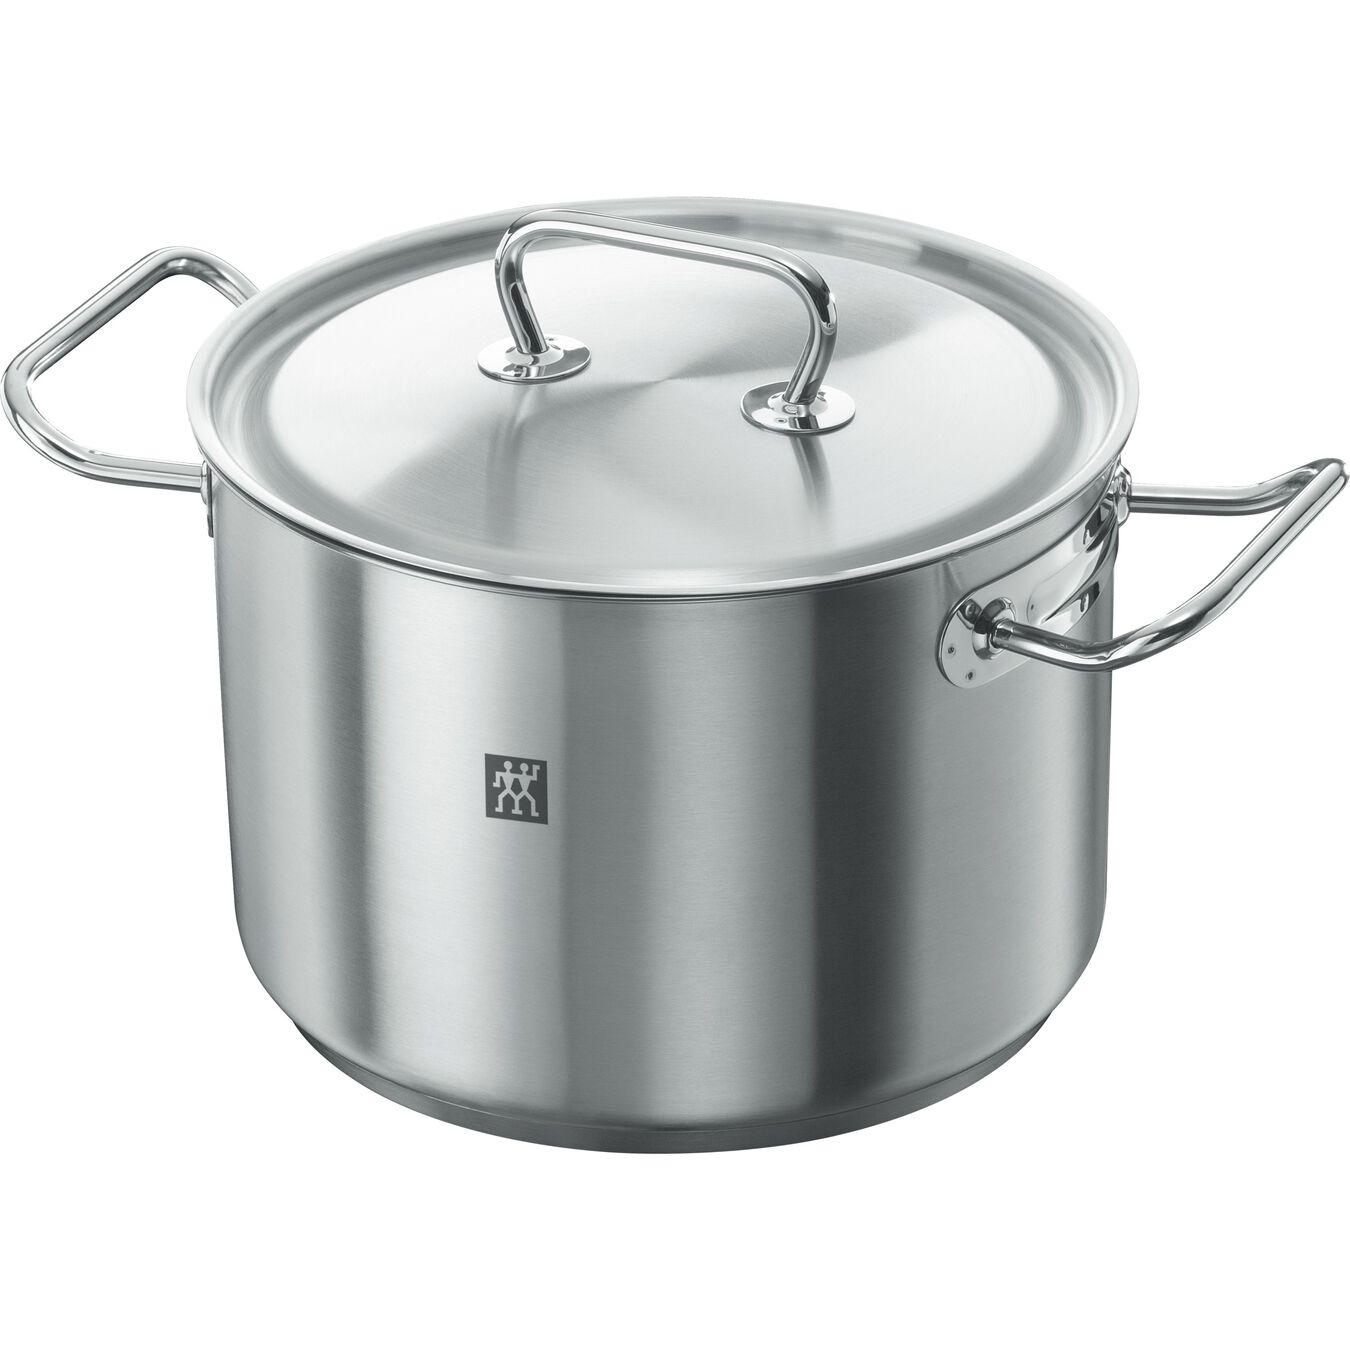 Ensemble de casseroles 5-pcs, Inox 18/10,,large 10